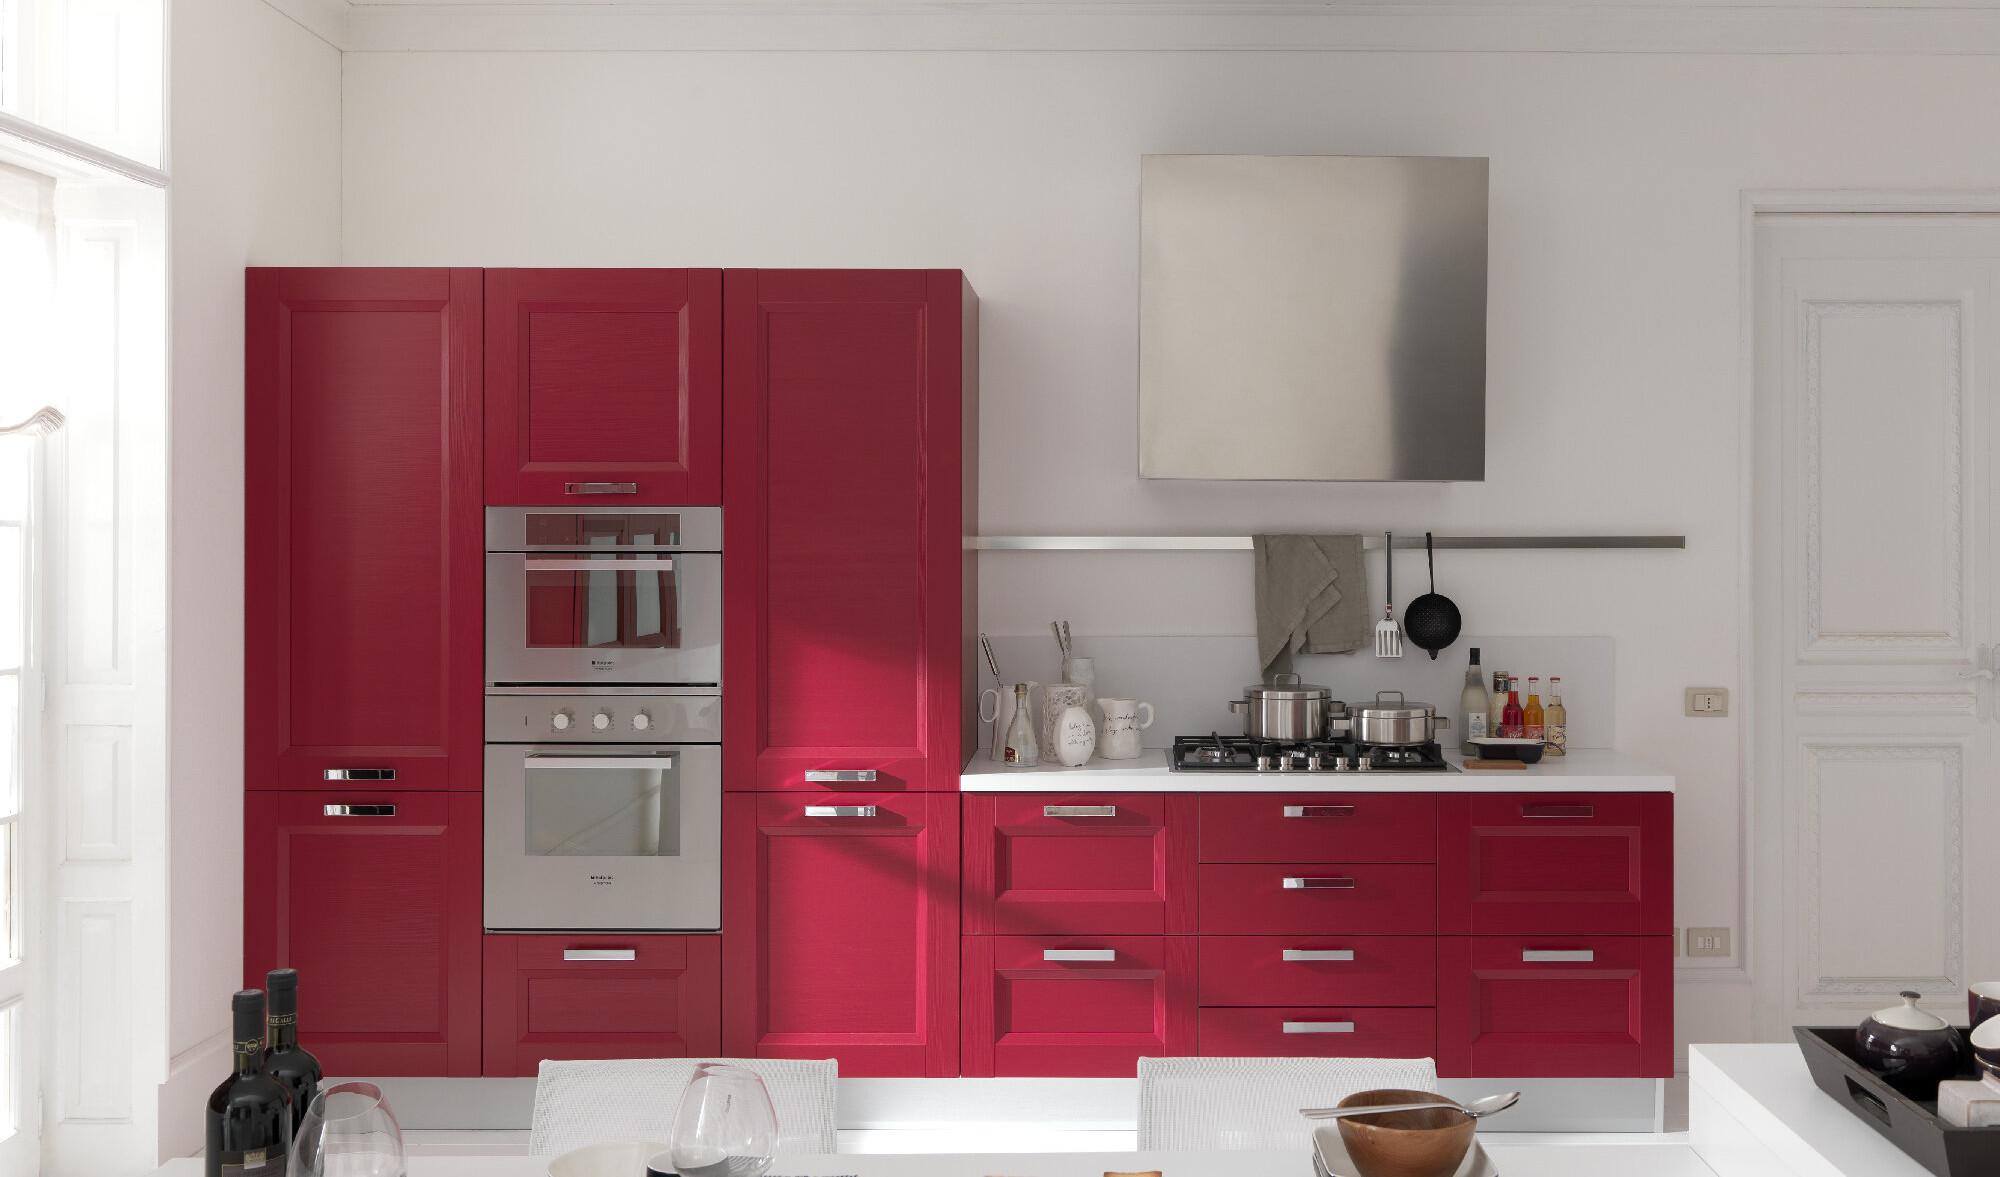 Cucina in rosso passione contemporanea arredo casa roma for Cucina e roma